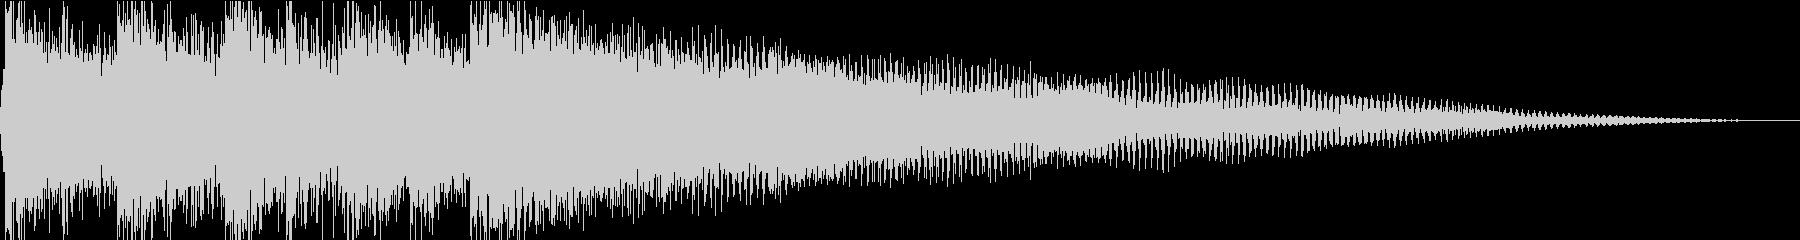 壮大で肯定的なオルタナティブロック...の未再生の波形